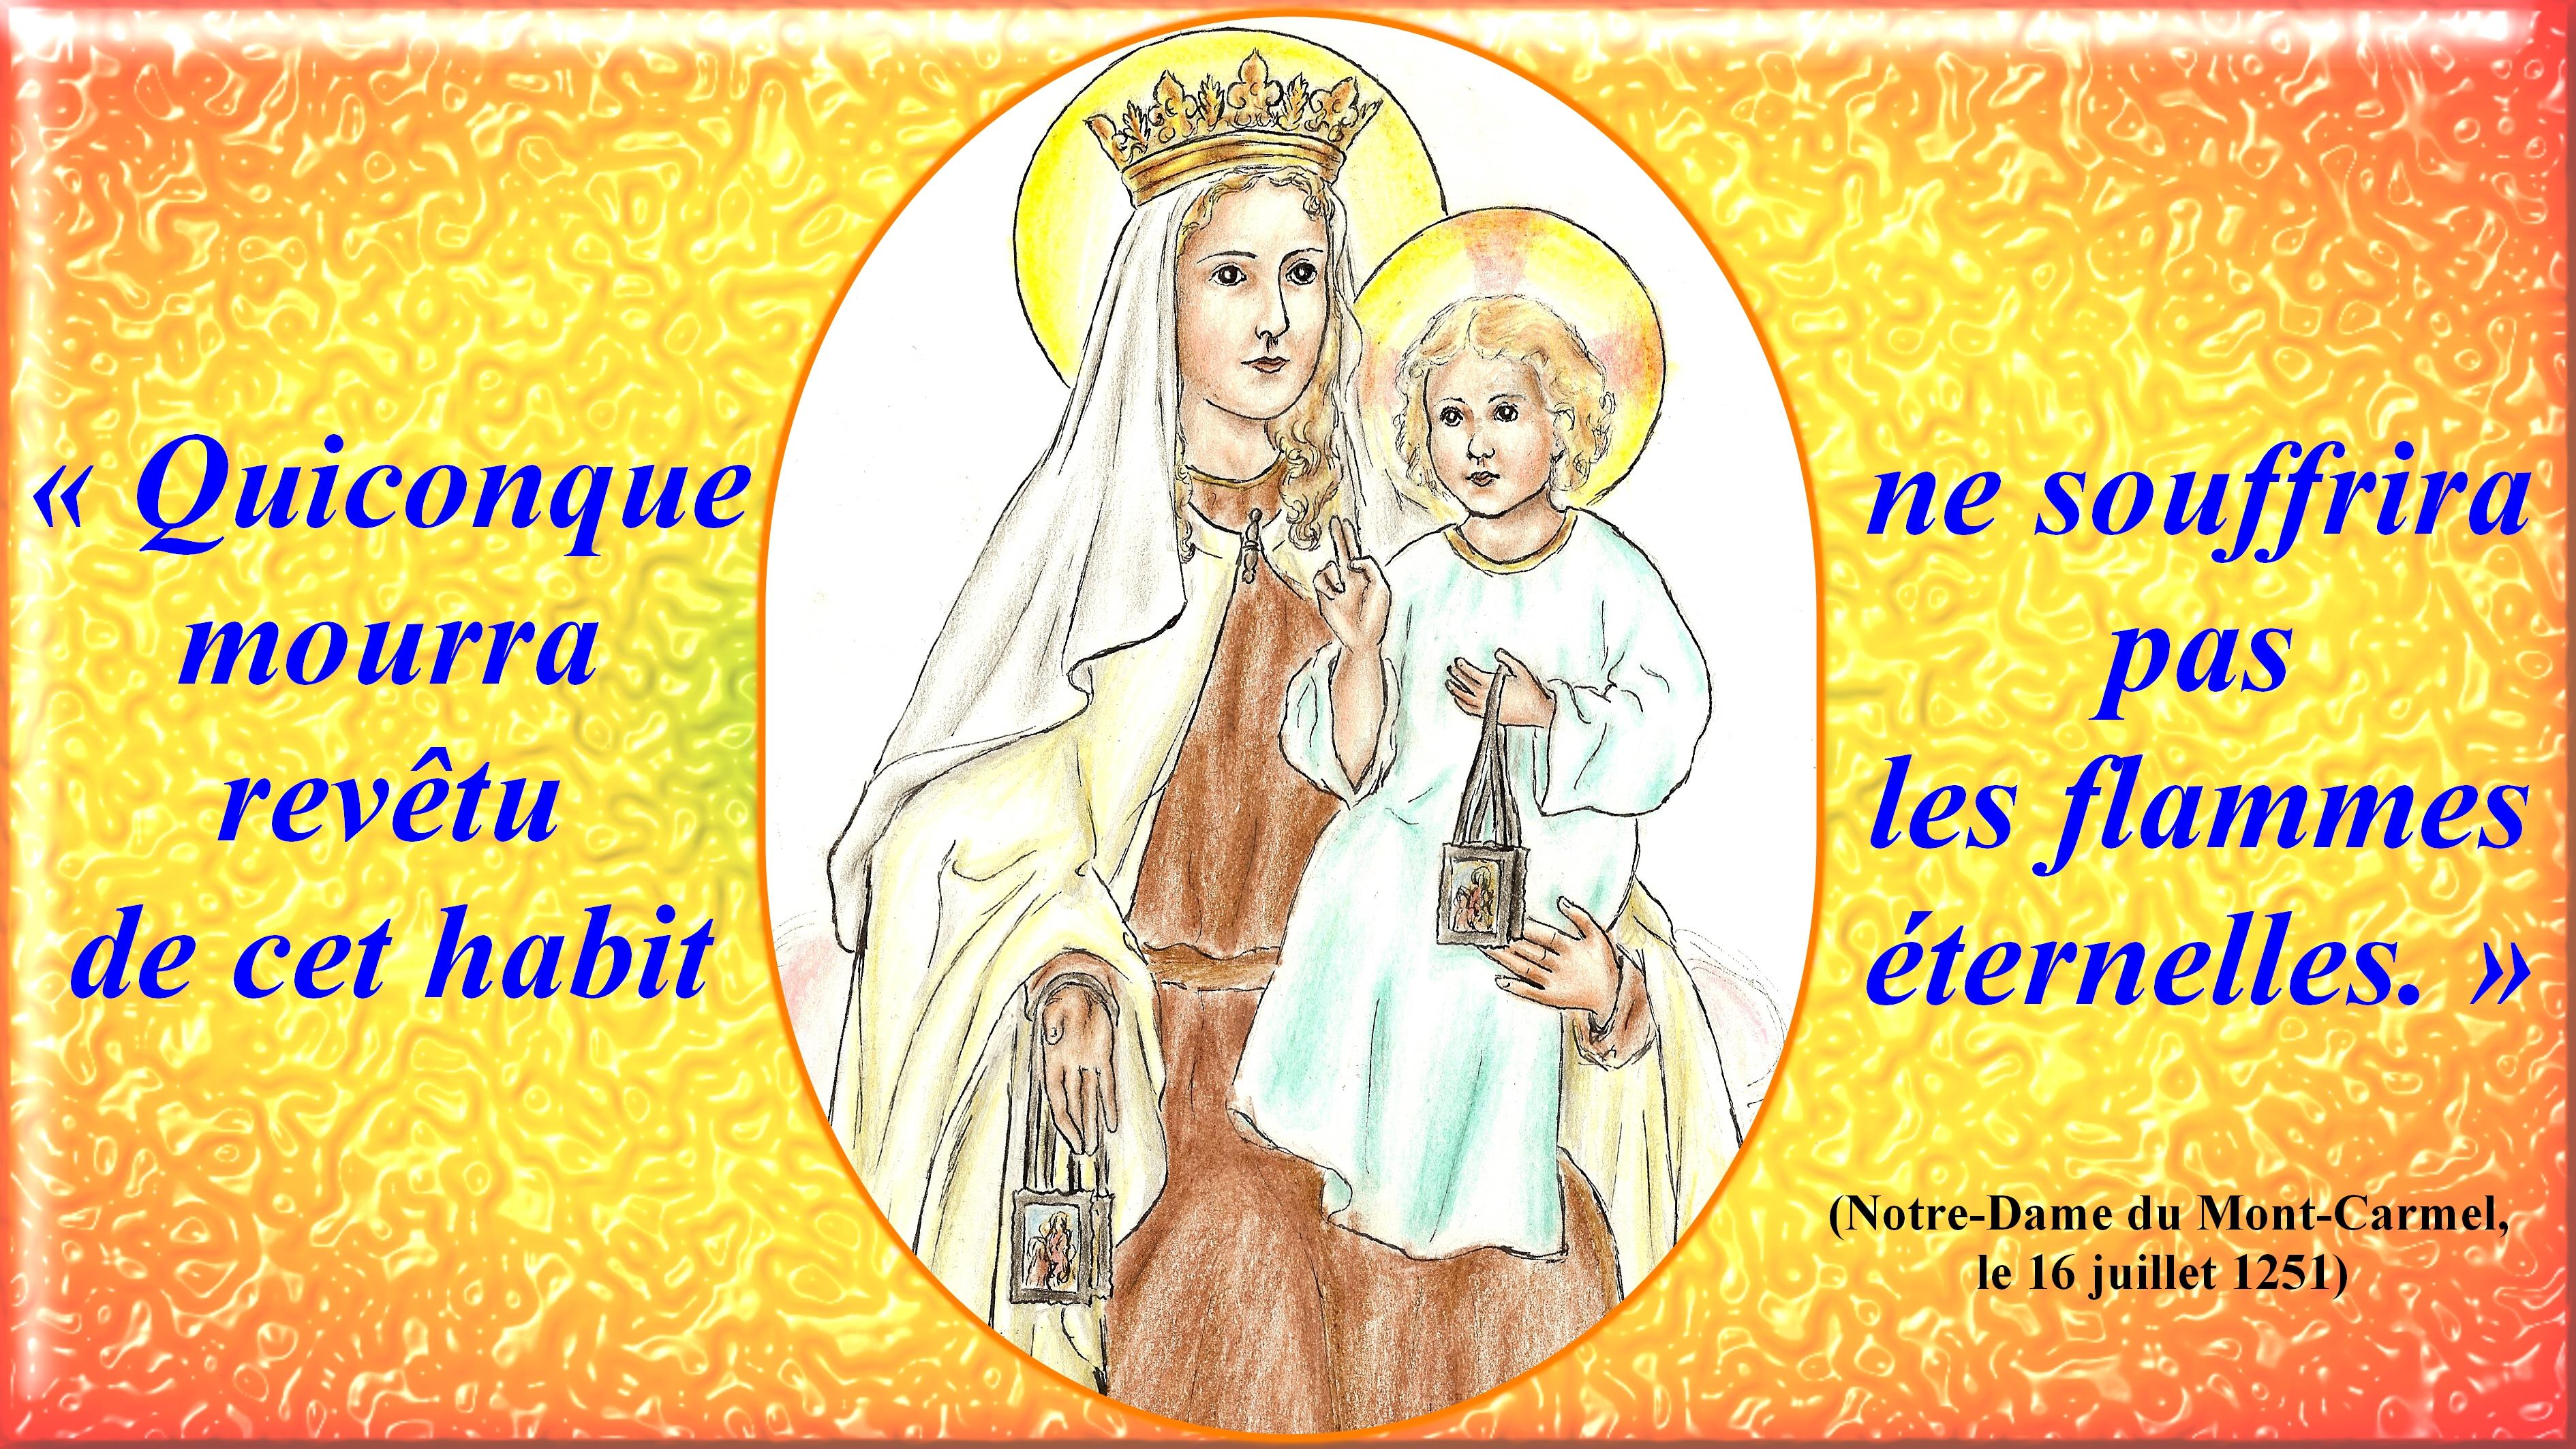 CALENDRIER CATHOLIQUE 2019 (Cantiques, Prières & Images) Notre-dame-du-mont-carmel-557d4b2